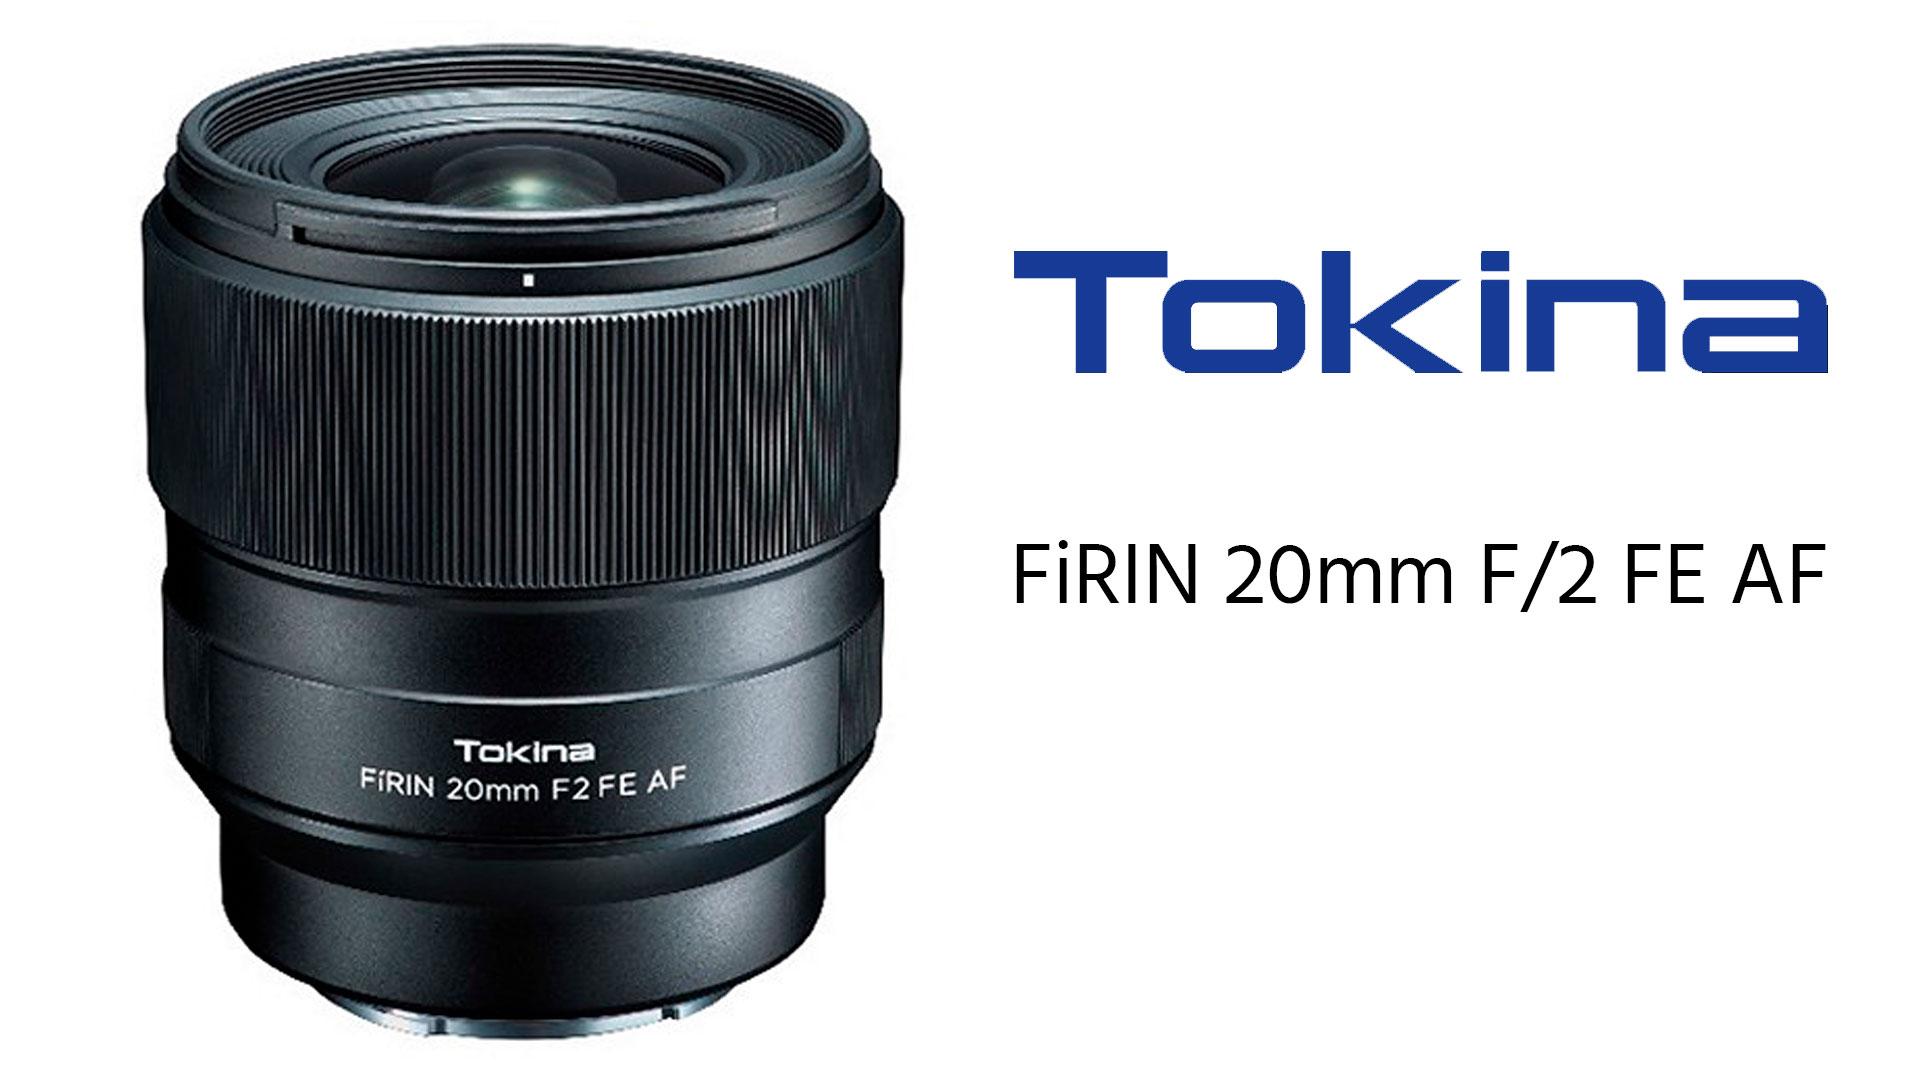 トキナーがFiRIN 20mm F/2 FEを発表 - ソニーEマウント用オートフォーカスレンズ